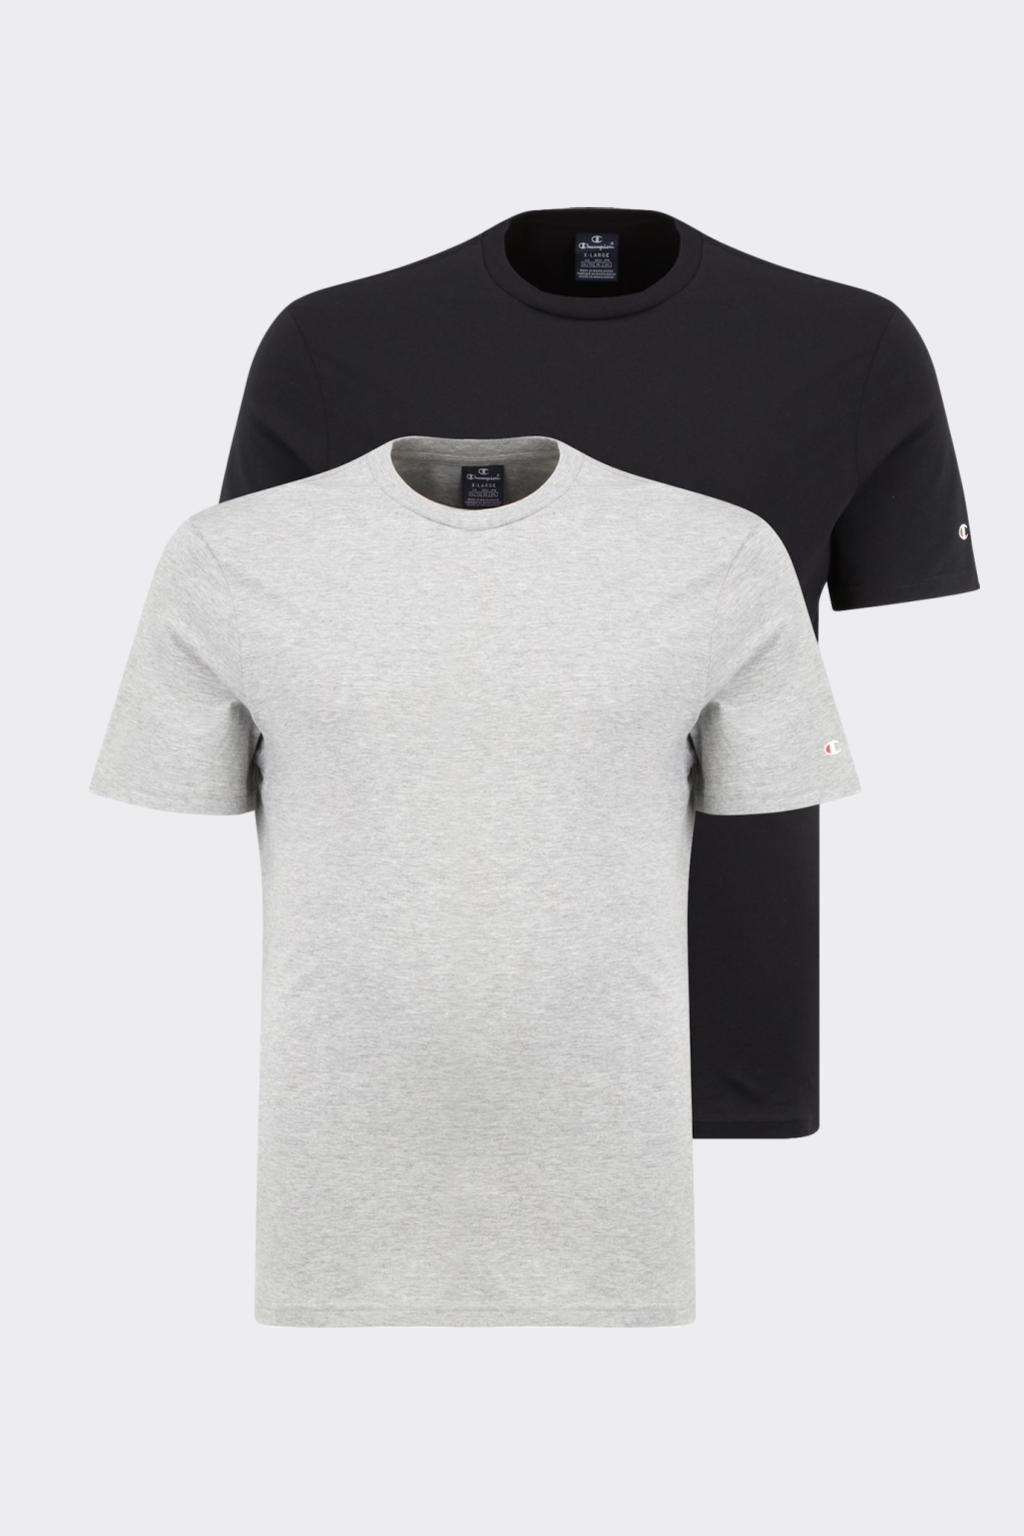 Champion 2-balení triček pánské- černá, šedá